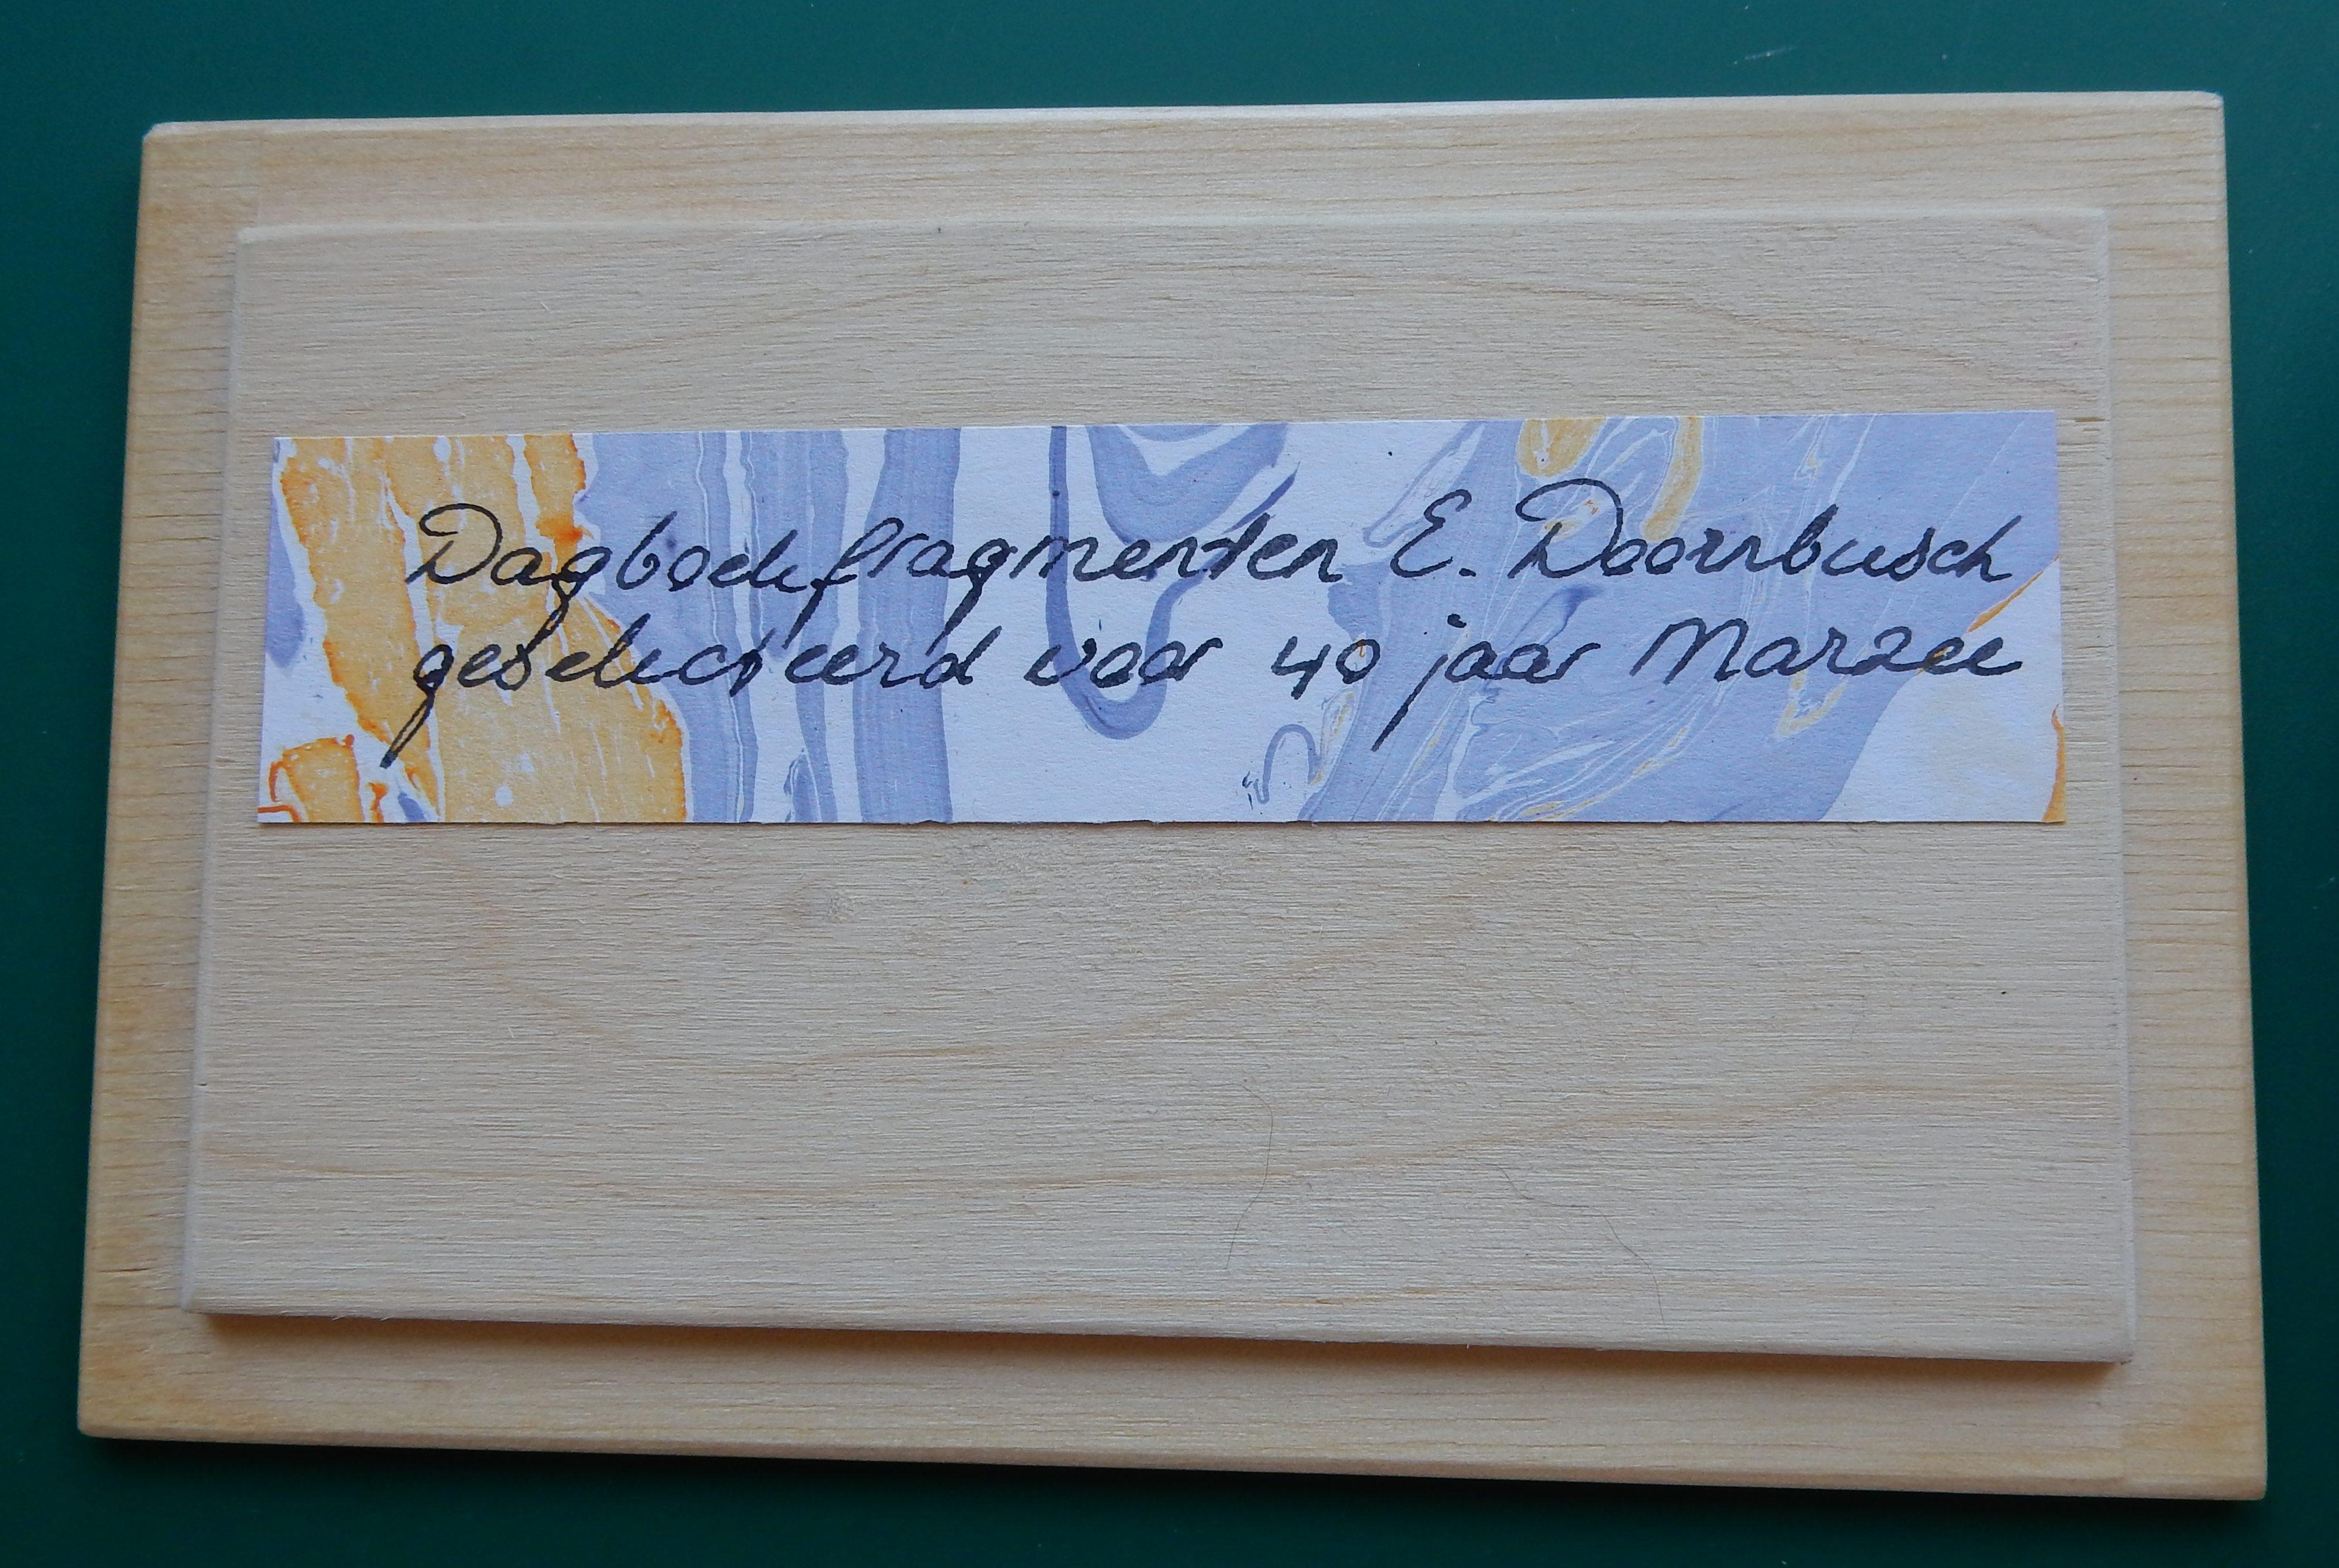 Cadeausje voor Marzee, mei 2019. Foto Esther Doornbusch, CC BY 4.0